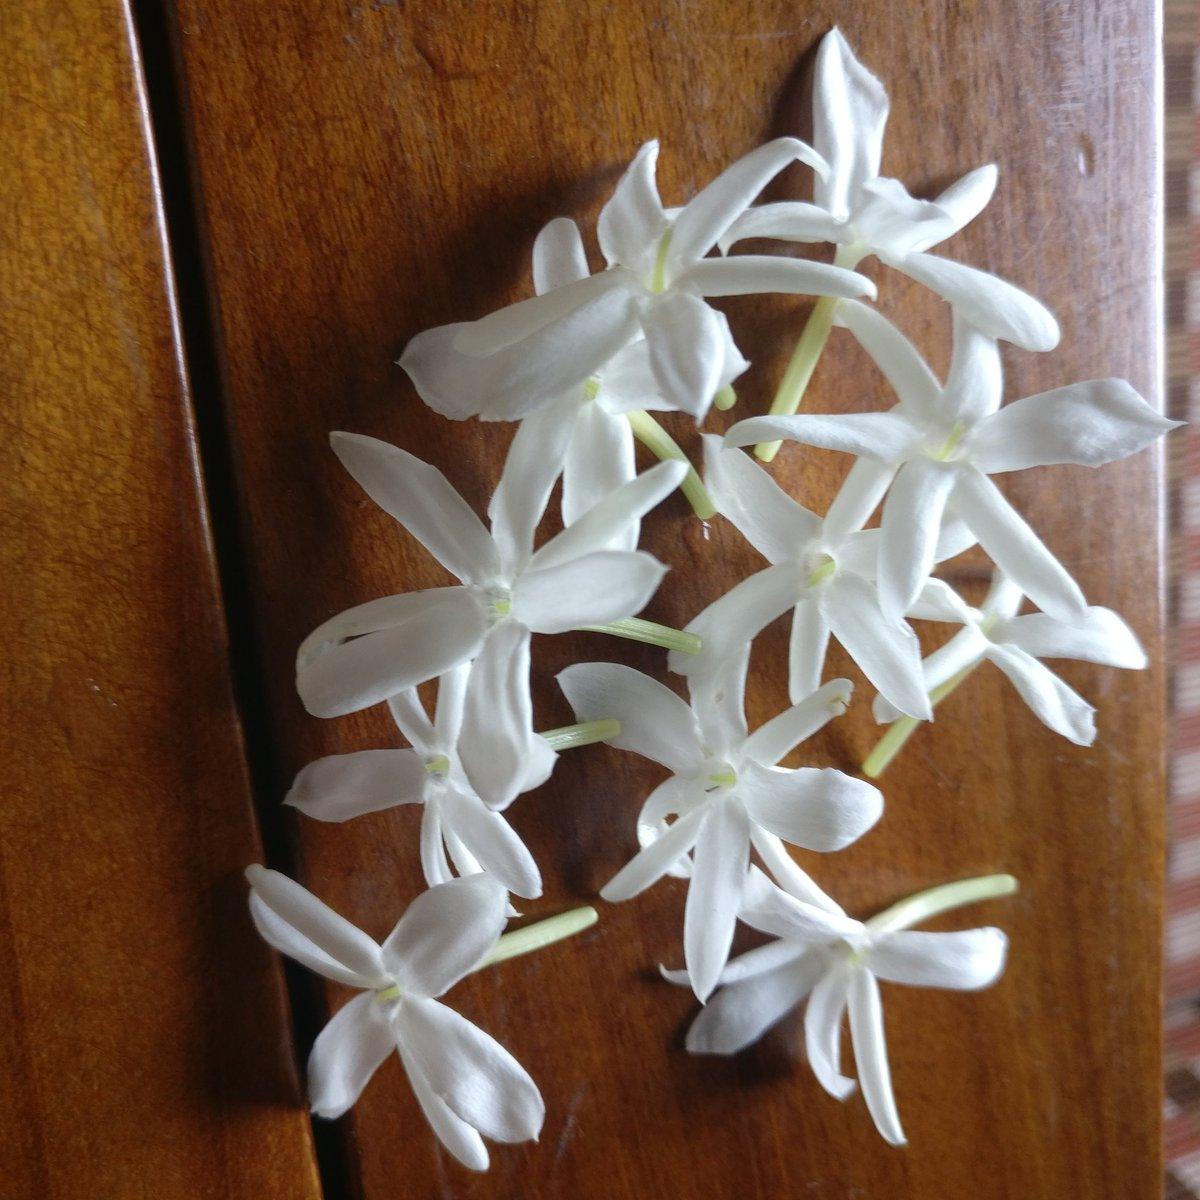 God's perfumerie Nature's Blessings #Monsoon2020 #flowers #villagelife #gardening #Nature @GardenLiveNow